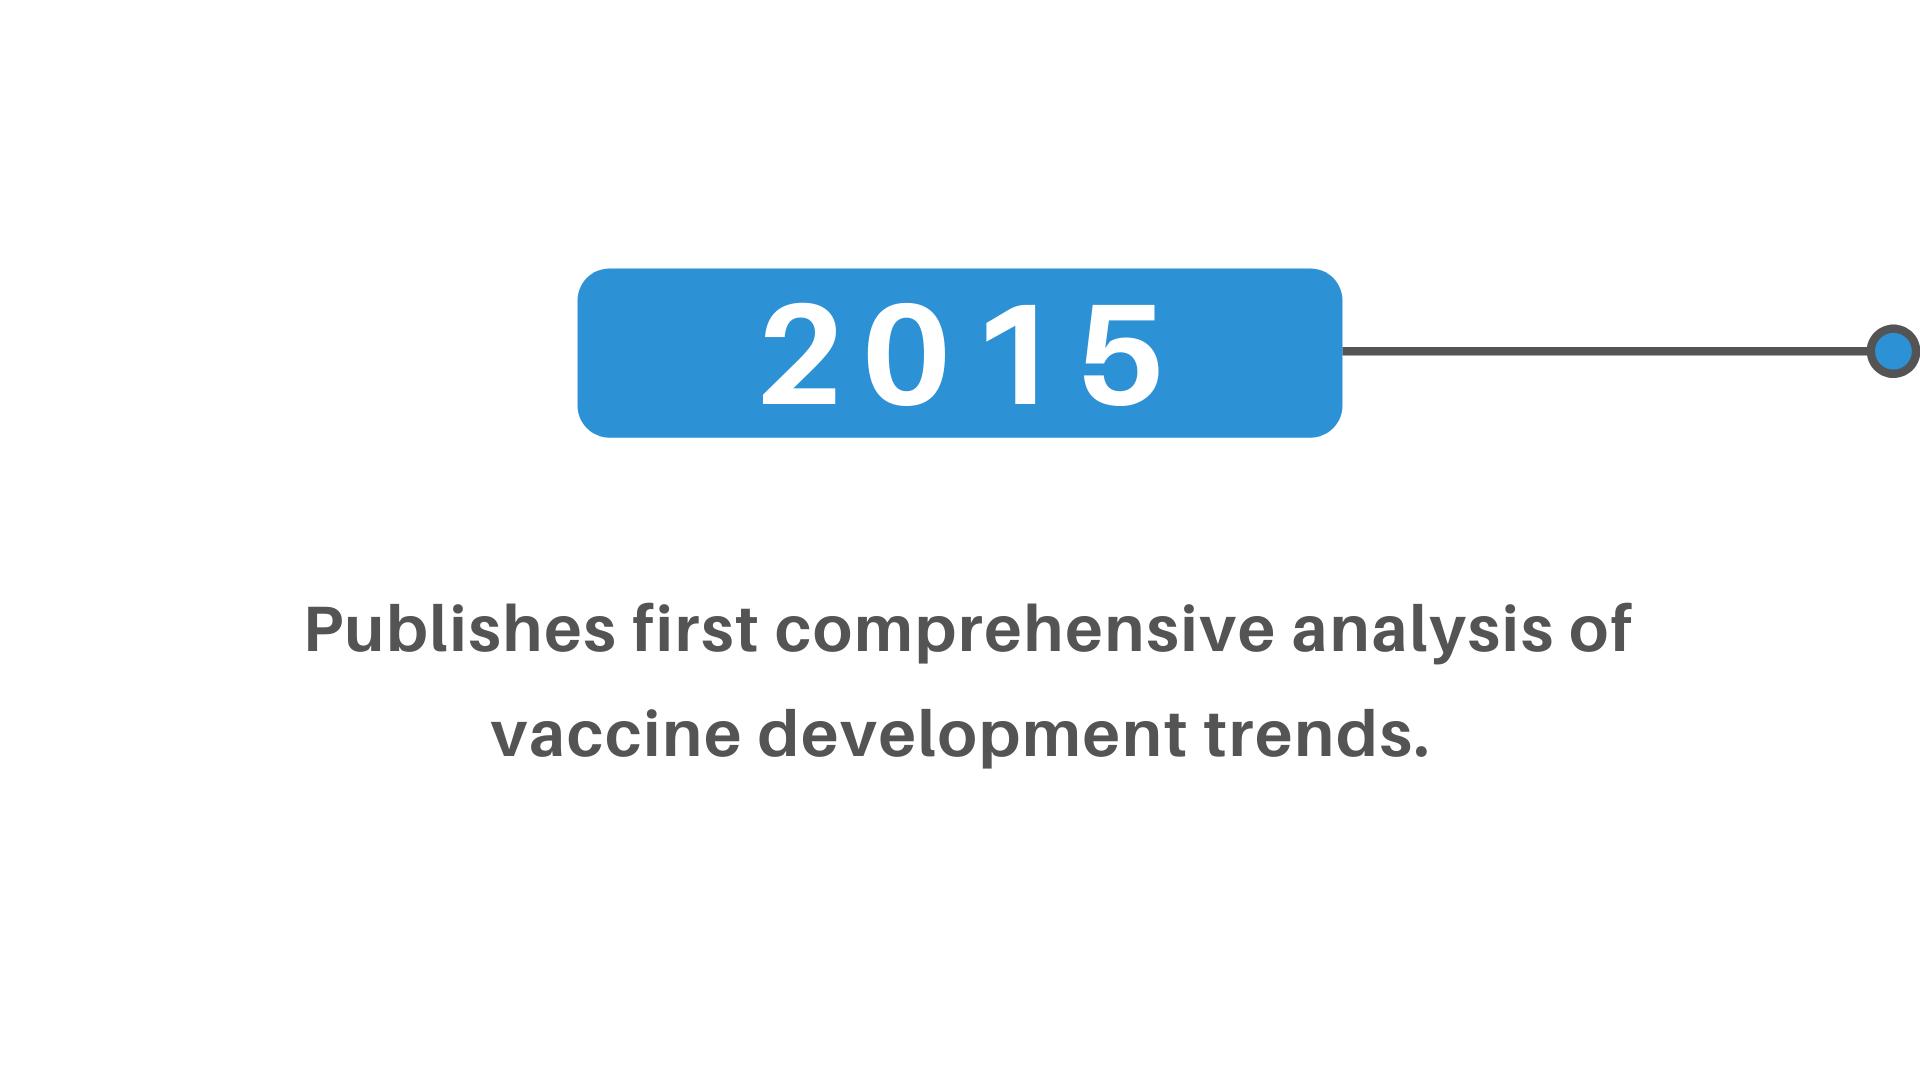 vaccine development trends